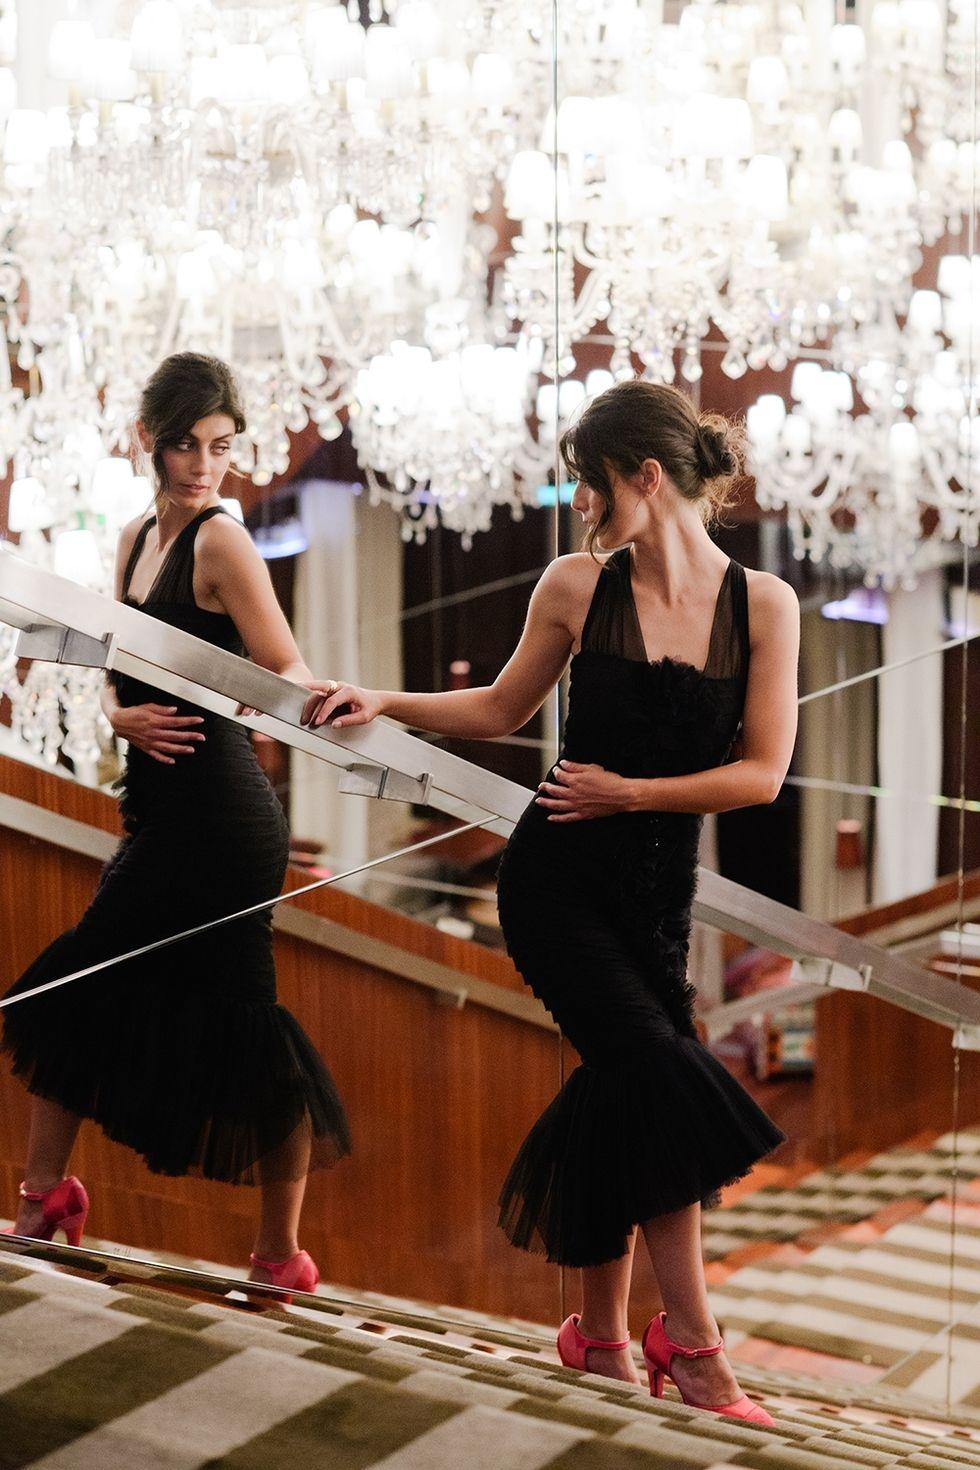 Dal servizio fotografico Chanel per Elle Magazine